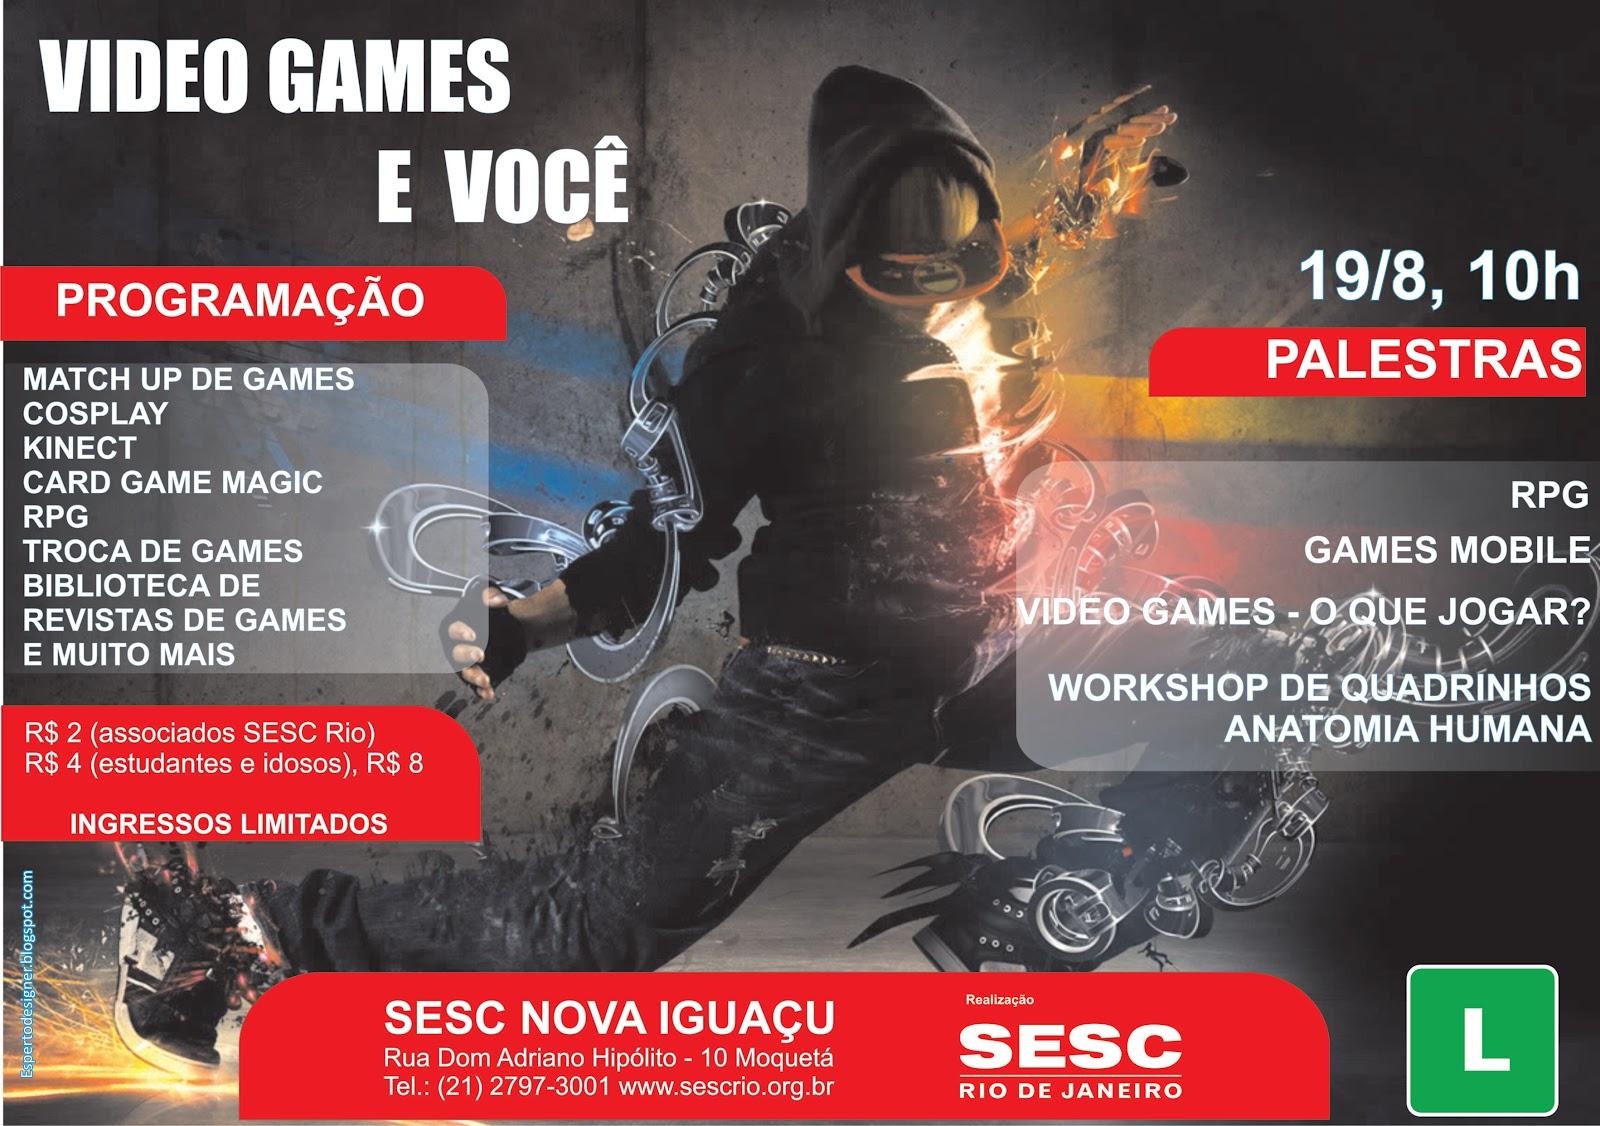 http://4.bp.blogspot.com/-zXXc8dw4dVE/UCGli8kA8hI/AAAAAAAACFg/pch4621ywo0/s1600/video_games_e_voc%C3%AA.jpg